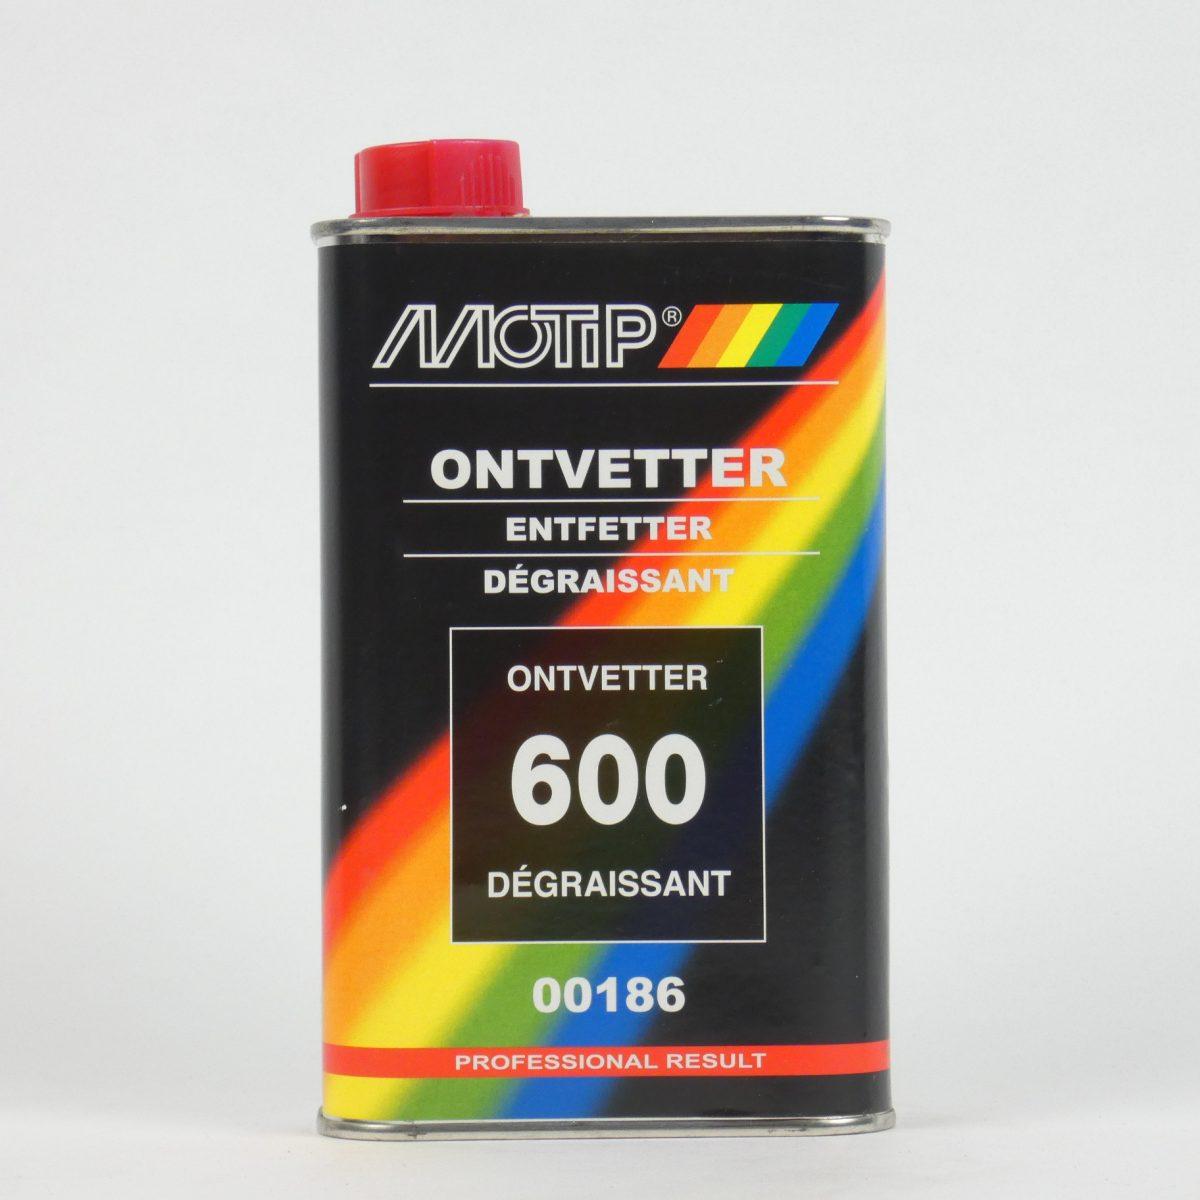 motip-000186-ontvetter-dosgros-auto-materialen-drachten-oosterwolde